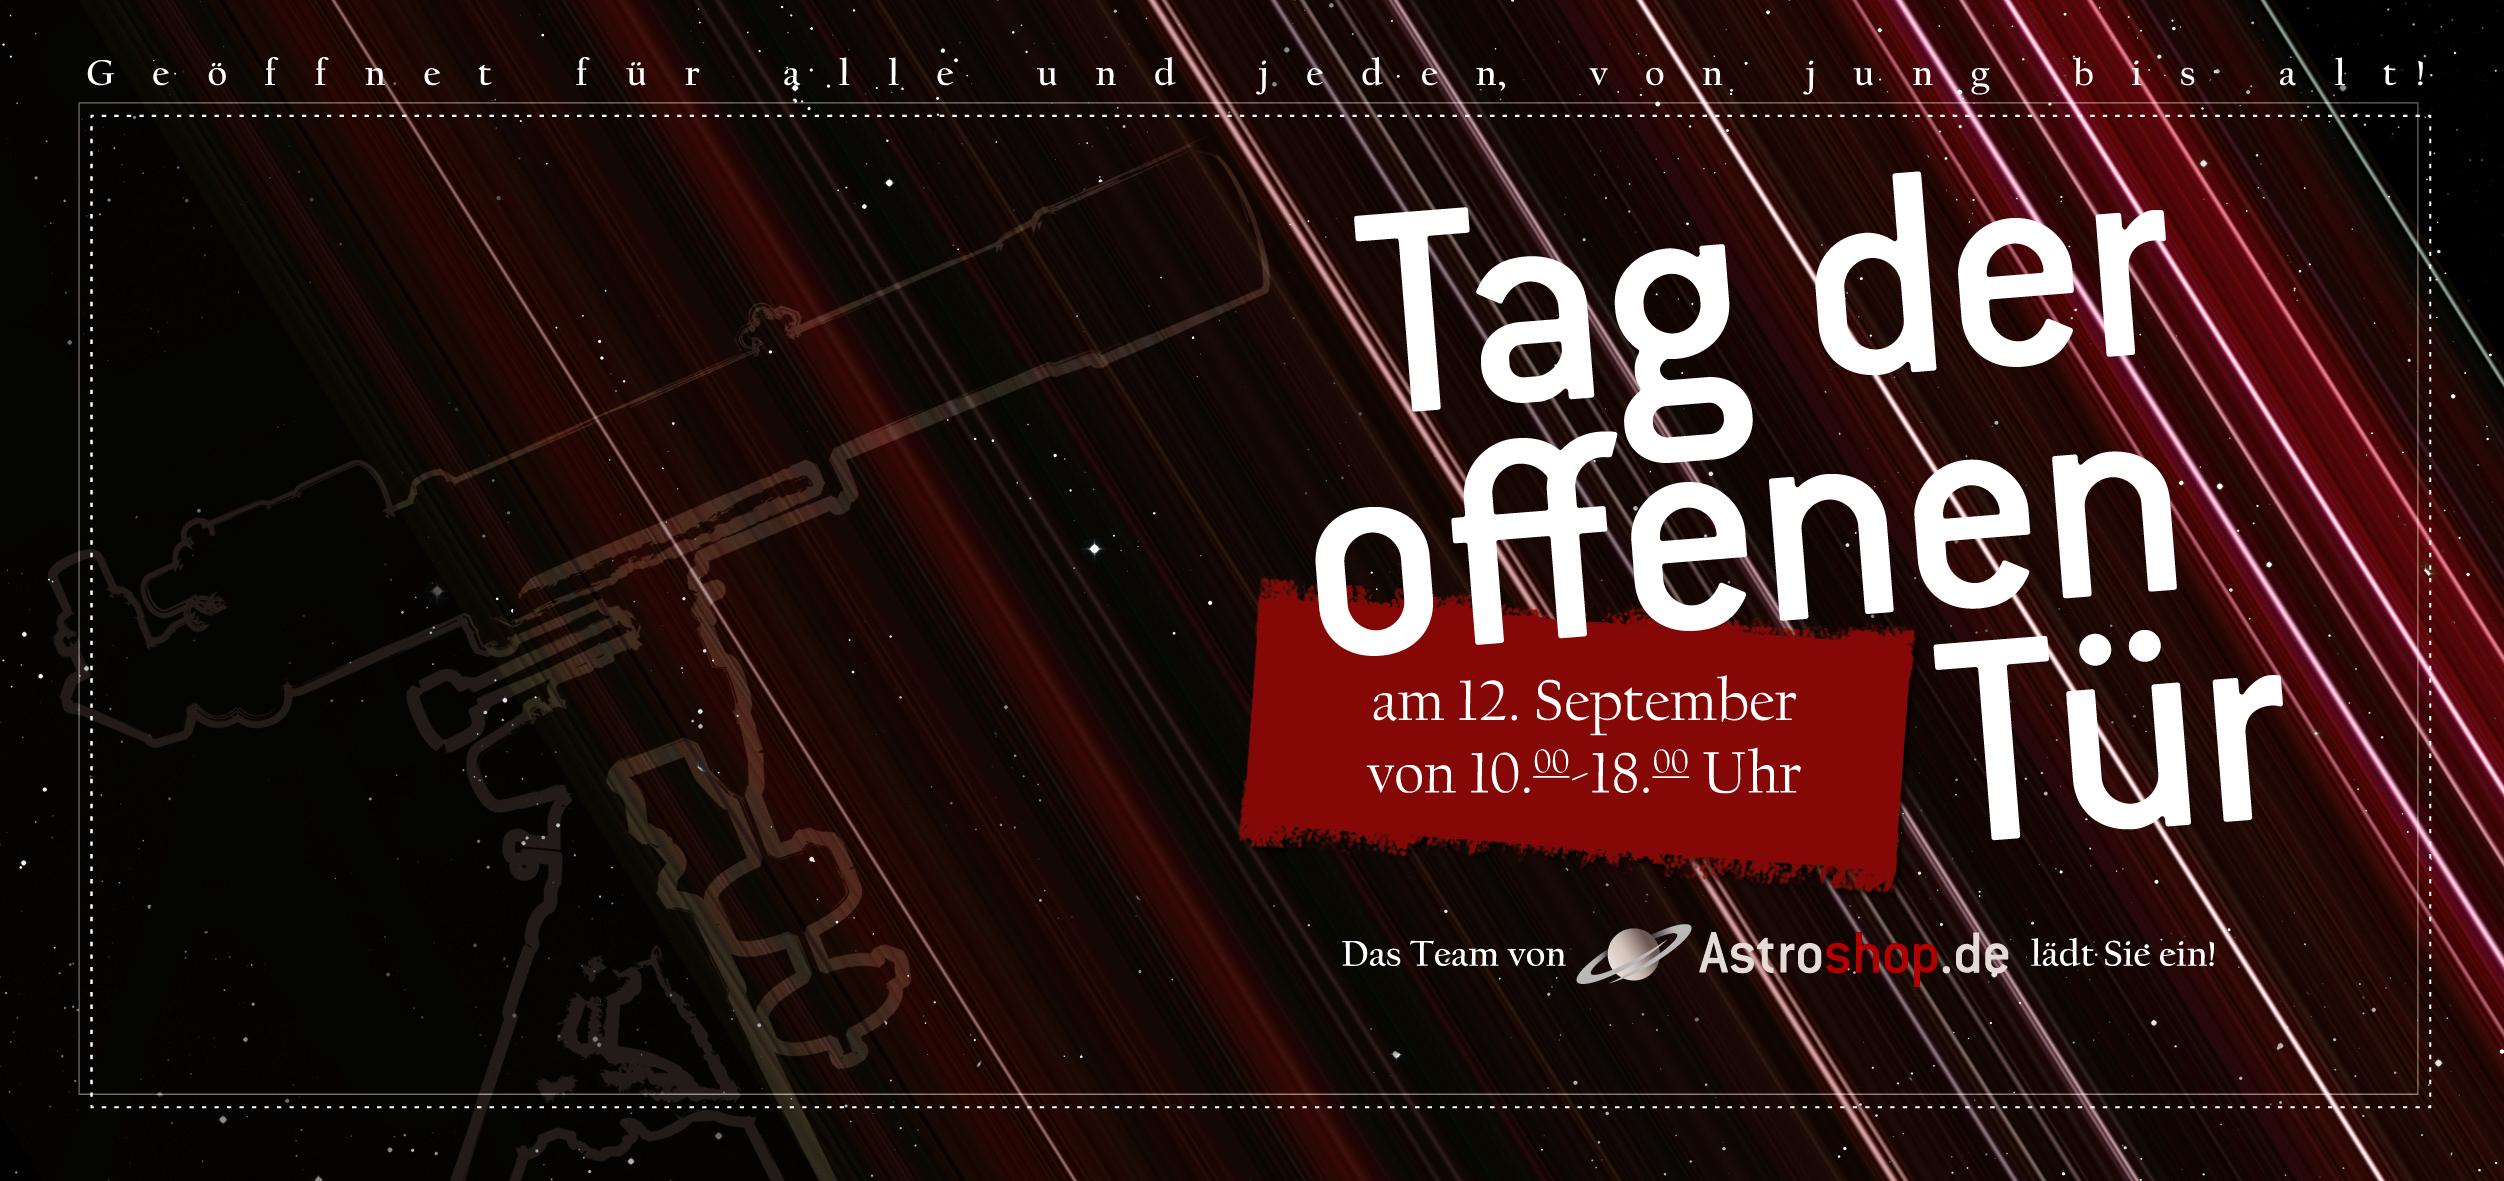 Tag der offenen türe  Informationen zum Tag der offenen Tür - astroshop.de Blog